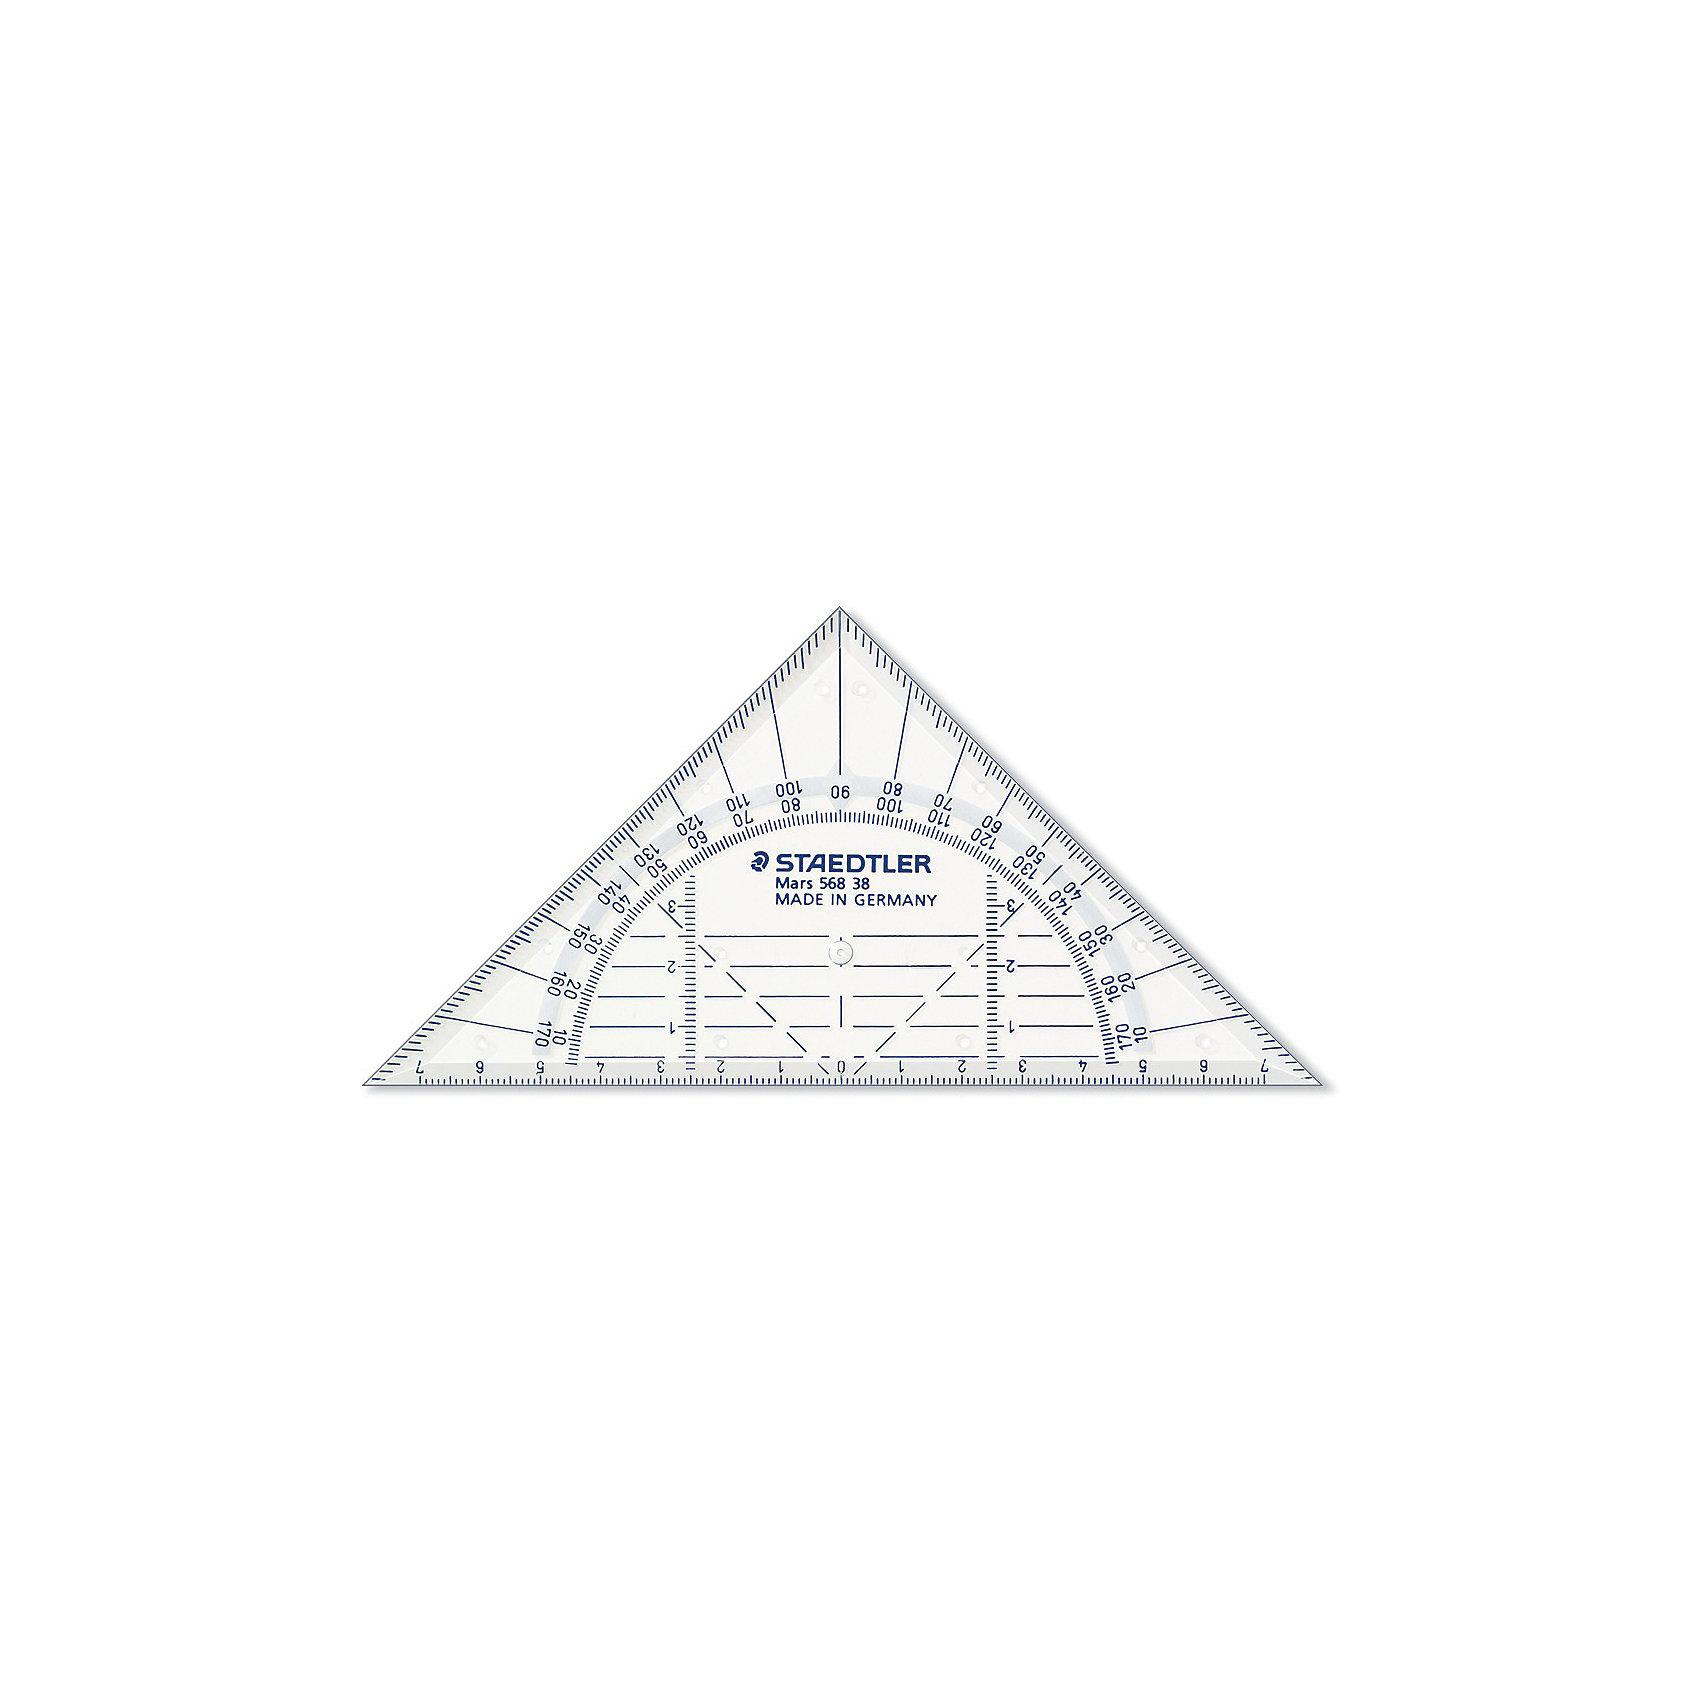 Геометрический треугольник Mars  16 см, StaedtlerЧертежные принадлежности<br>Геометрический треугольник Mars  16 см, Staedtler (Штедлер).<br><br>Характеристики:<br><br>• Для детей в возрасте: от 7 лет<br>• Материал: пластик<br>• Длина шкалы: 16 см.<br>• Градусы: 45°/45°<br><br>Прозрачный геометрический треугольник Mars от Staedtler (Штедлер) - это высококачественный инструмент для школьных занятий, измерений и выполнения чертежей. Четкая нестираемая разметка делает работу с инструментом особенно удобной. Треугольник обладает особой прочностью, защищающей его от поломки в сумке или при падении.<br><br>Геометрический треугольник Mars  16 см, Staedtler (Штедлер) можно купить в нашем интернет-магазине.<br><br>Ширина мм: 195<br>Глубина мм: 120<br>Высота мм: 30<br>Вес г: 13<br>Возраст от месяцев: 84<br>Возраст до месяцев: 2147483647<br>Пол: Унисекс<br>Возраст: Детский<br>SKU: 5529973